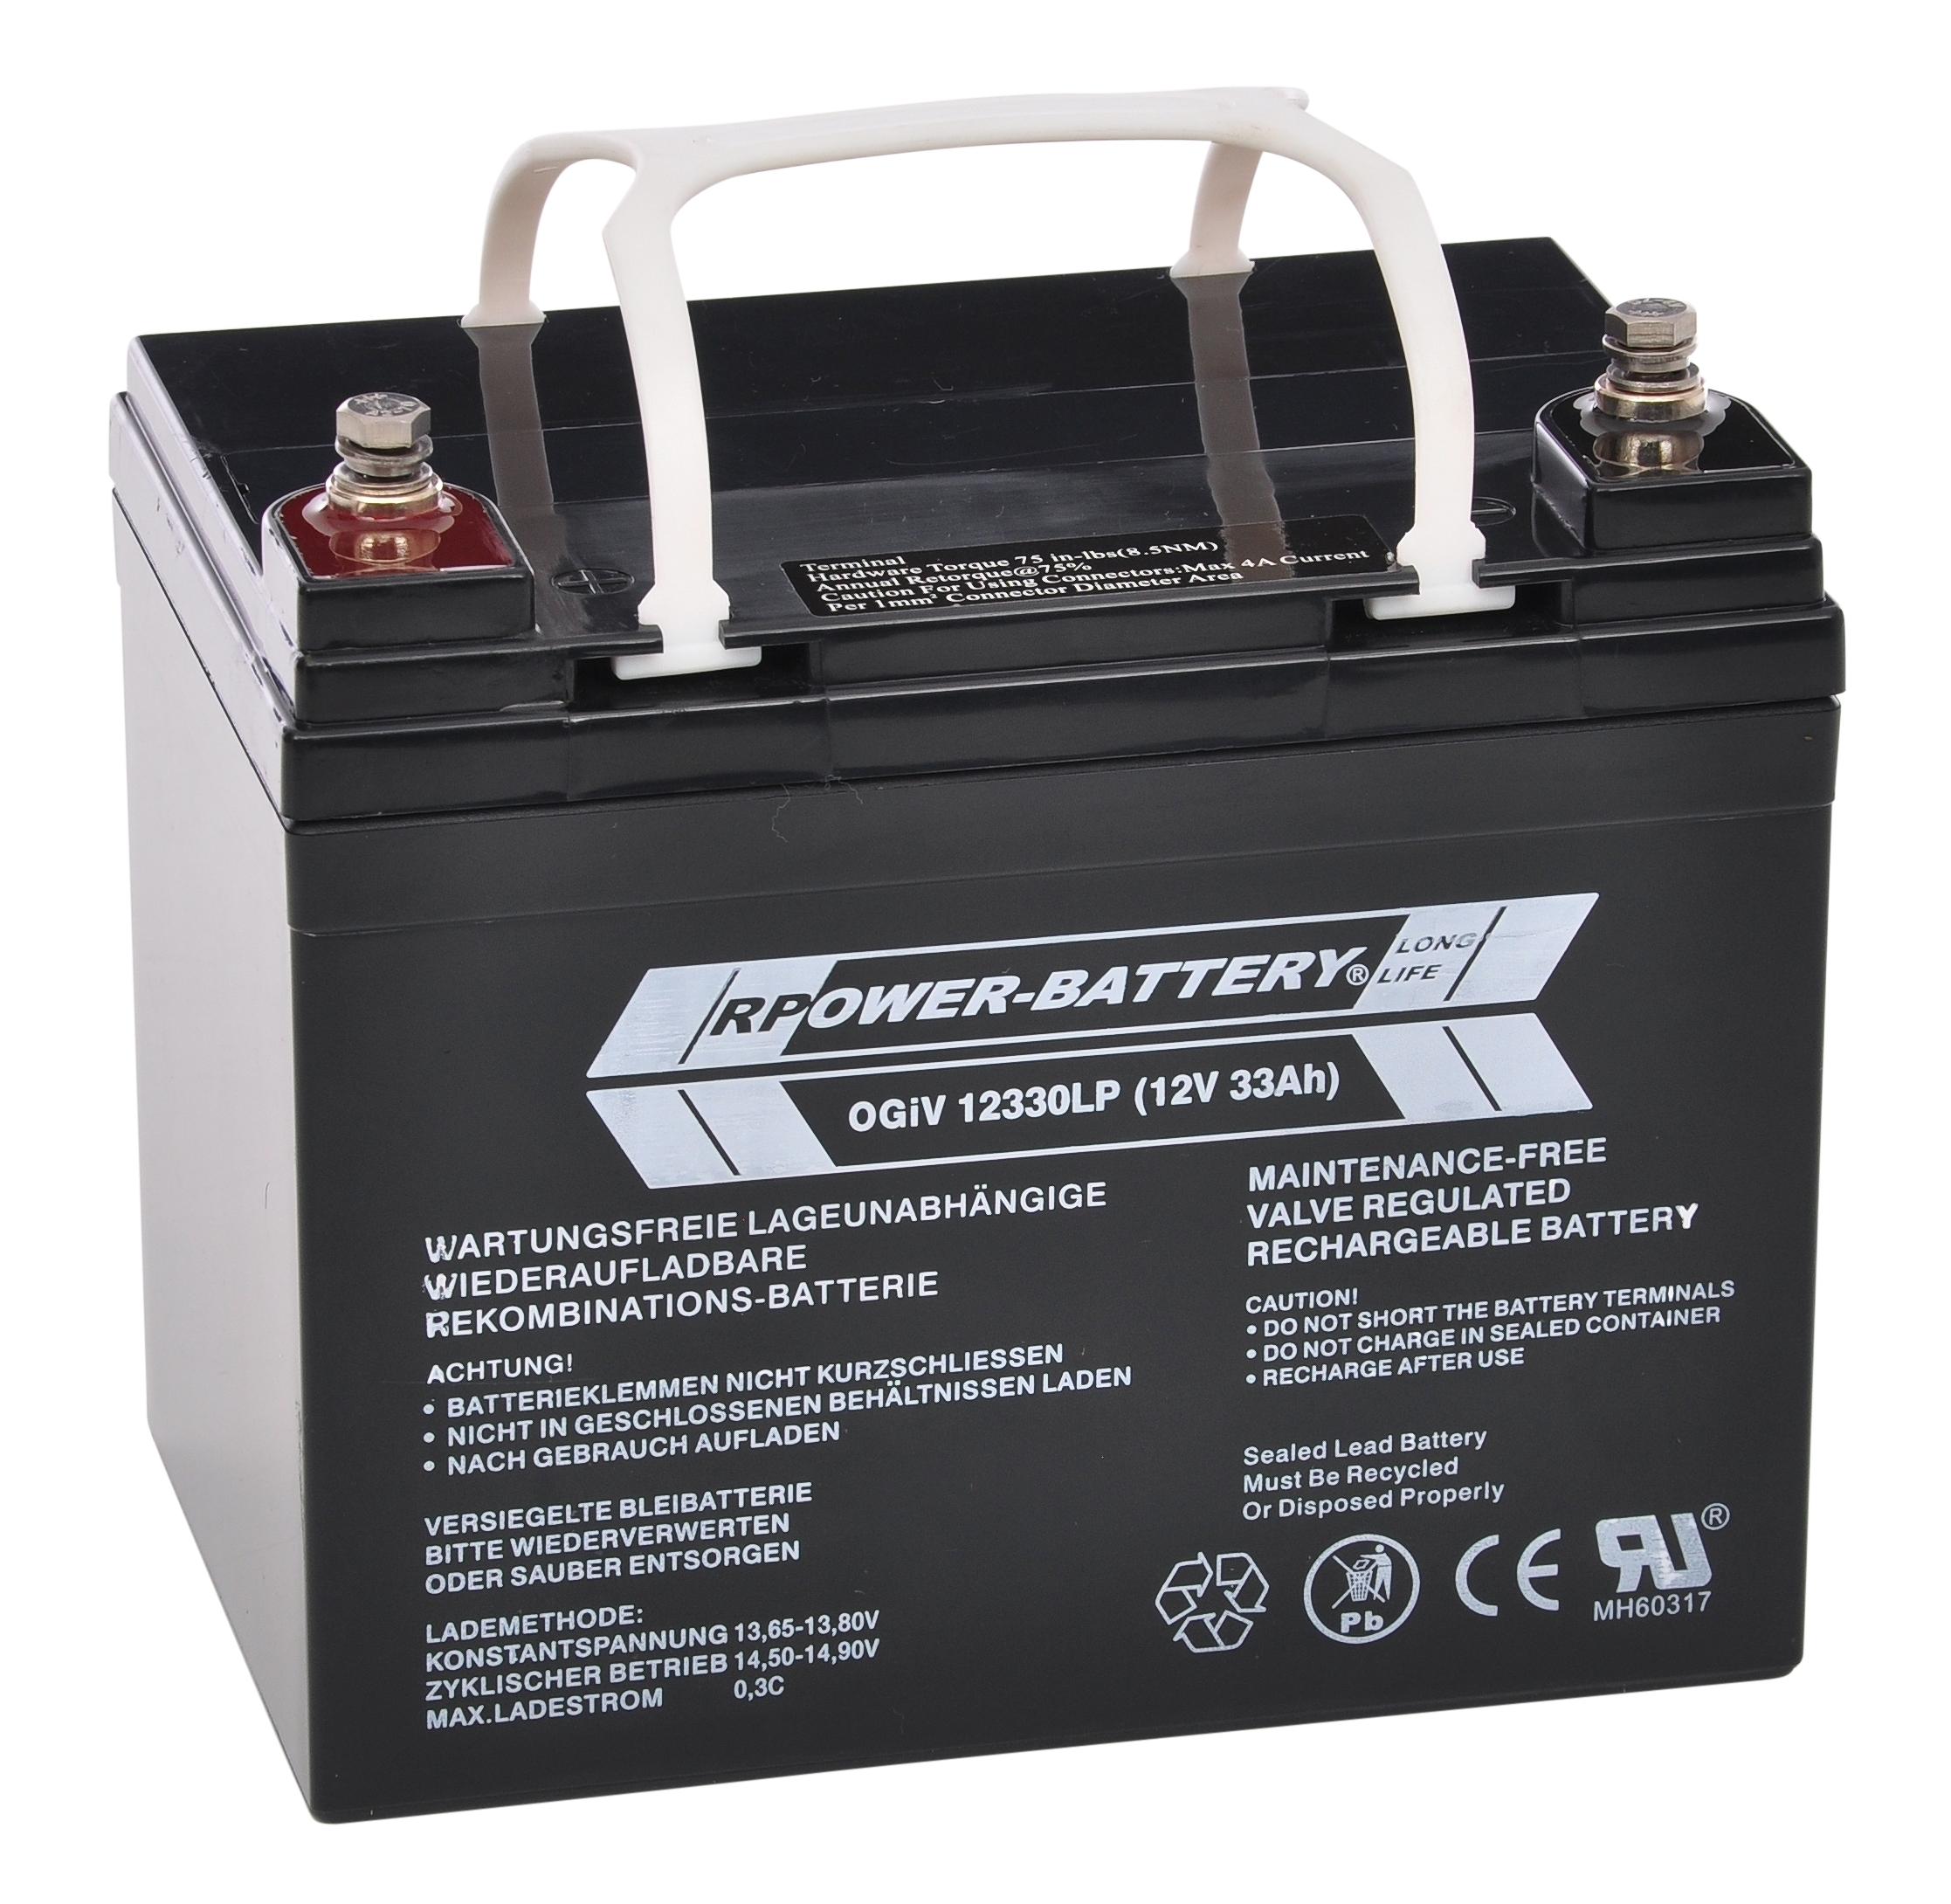 Batterie RPower OGiV longlife bis 12 Jahre 12V/34Ah (C20)